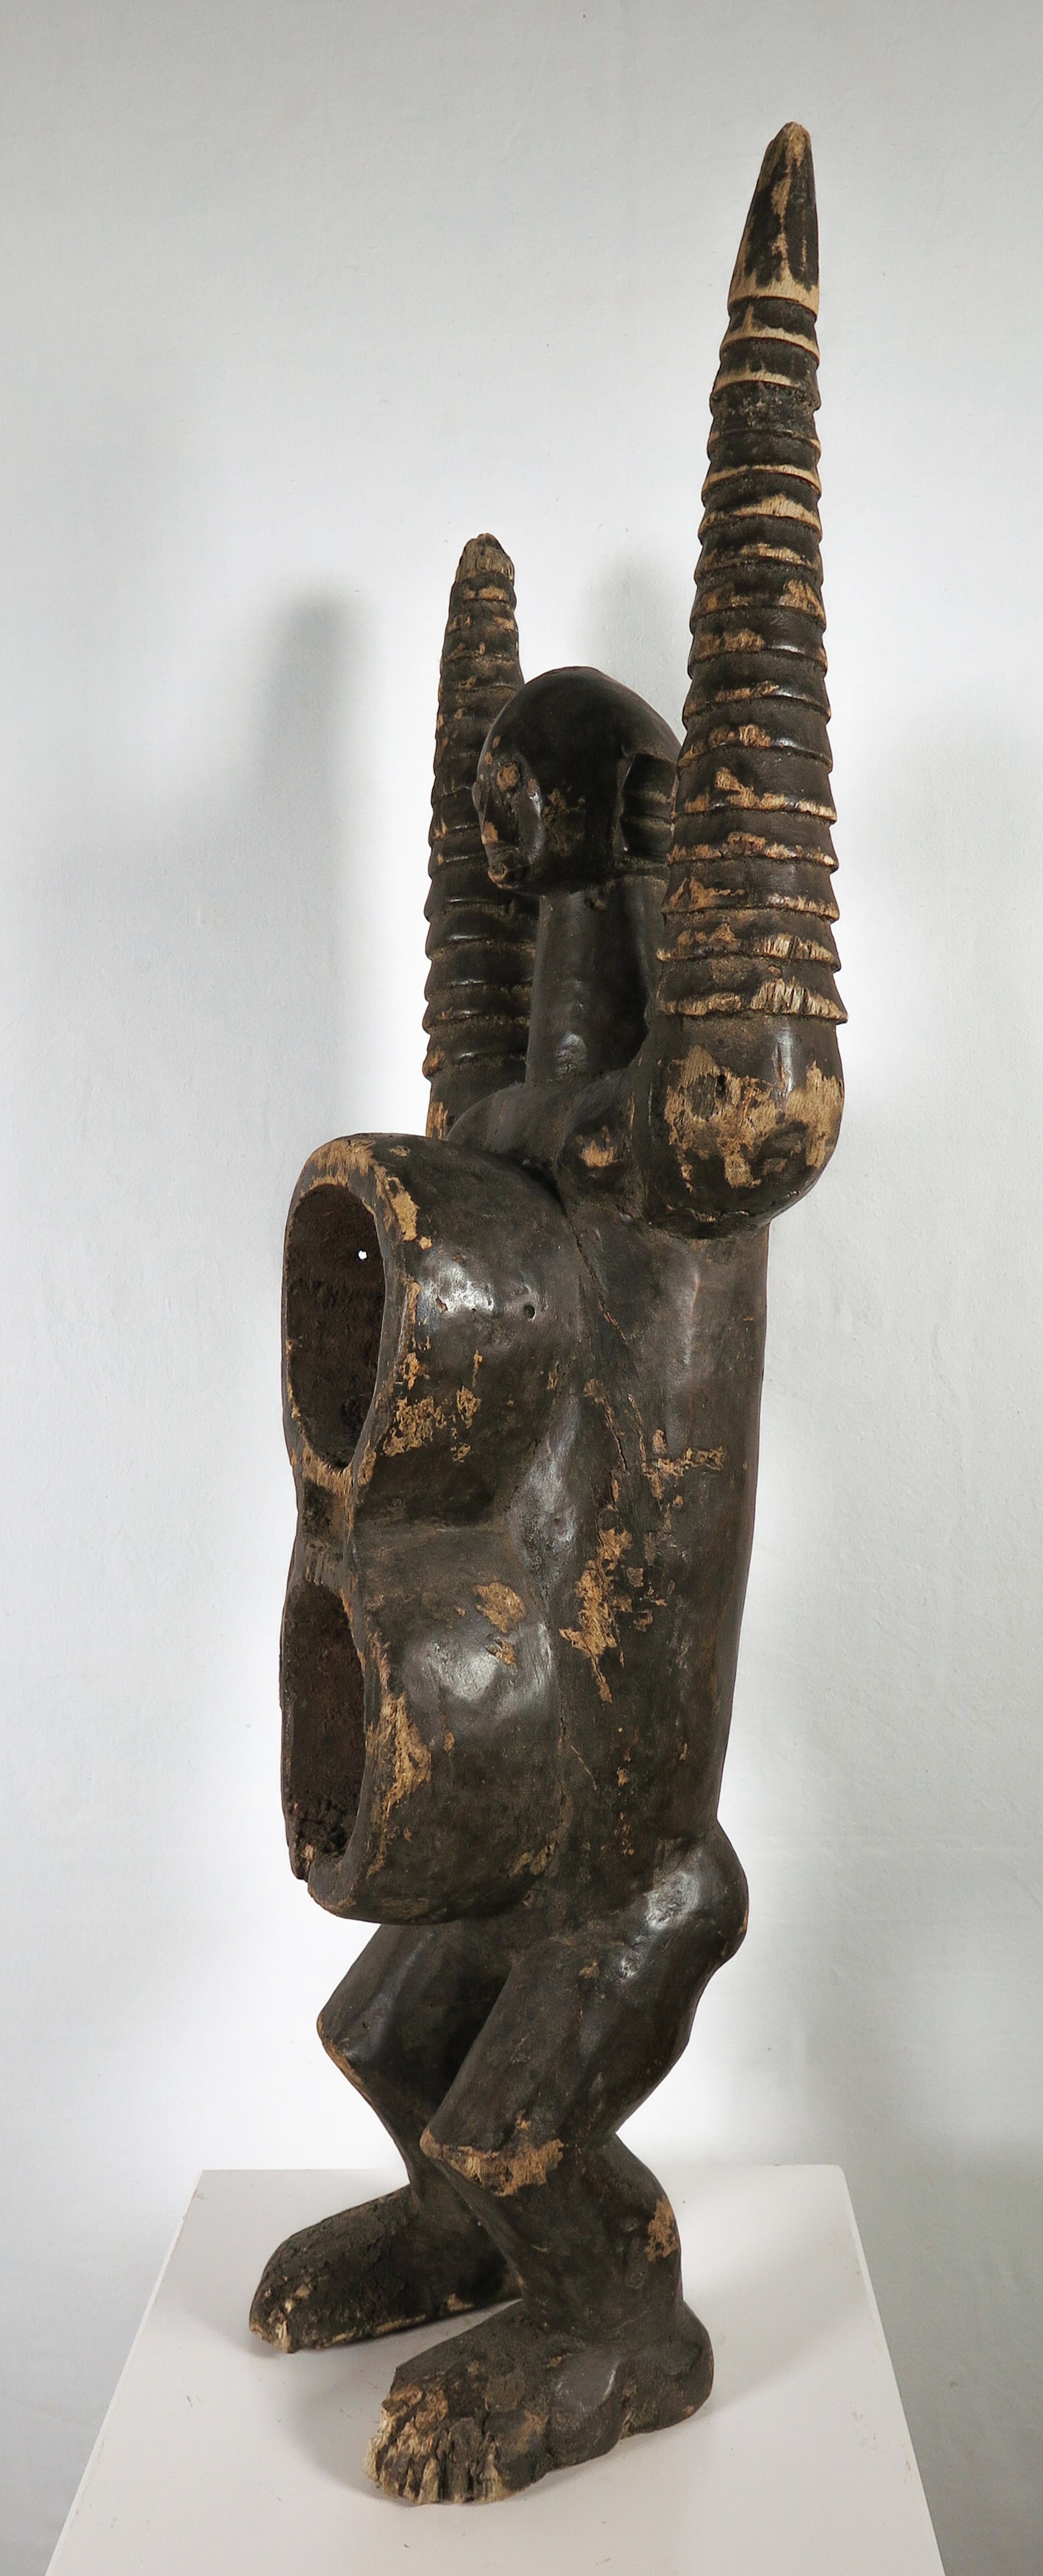 Koro - Houten bekerfiguur met armen omhoog kopen? Bied vanaf 1!